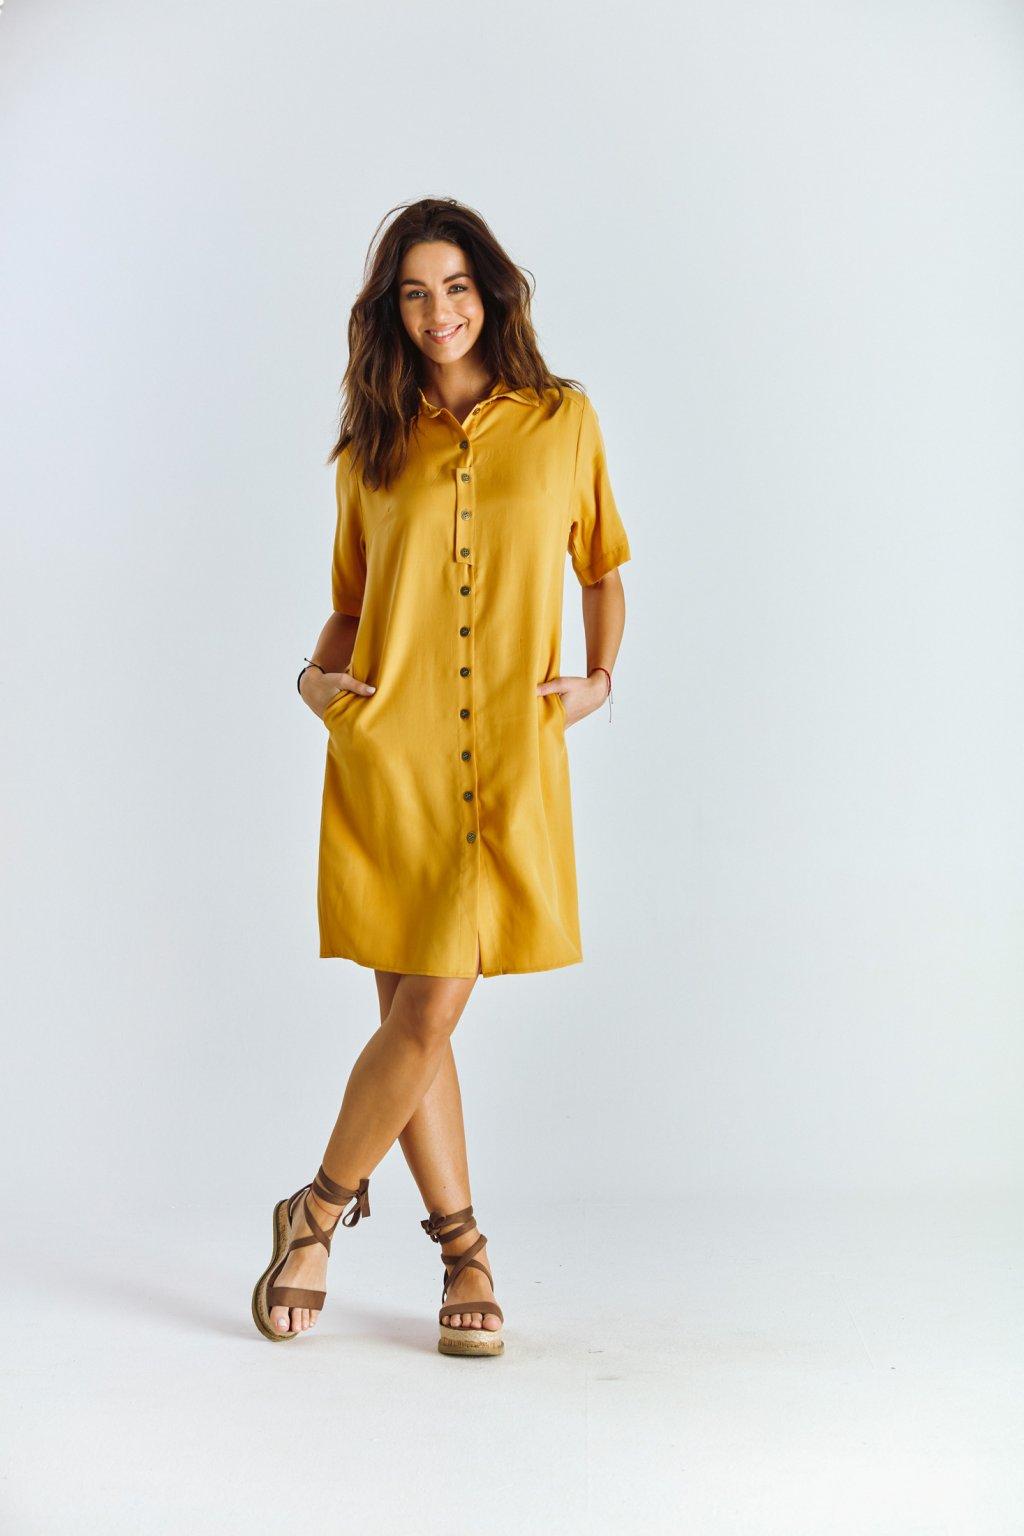 Dámské šaty košilové žluté